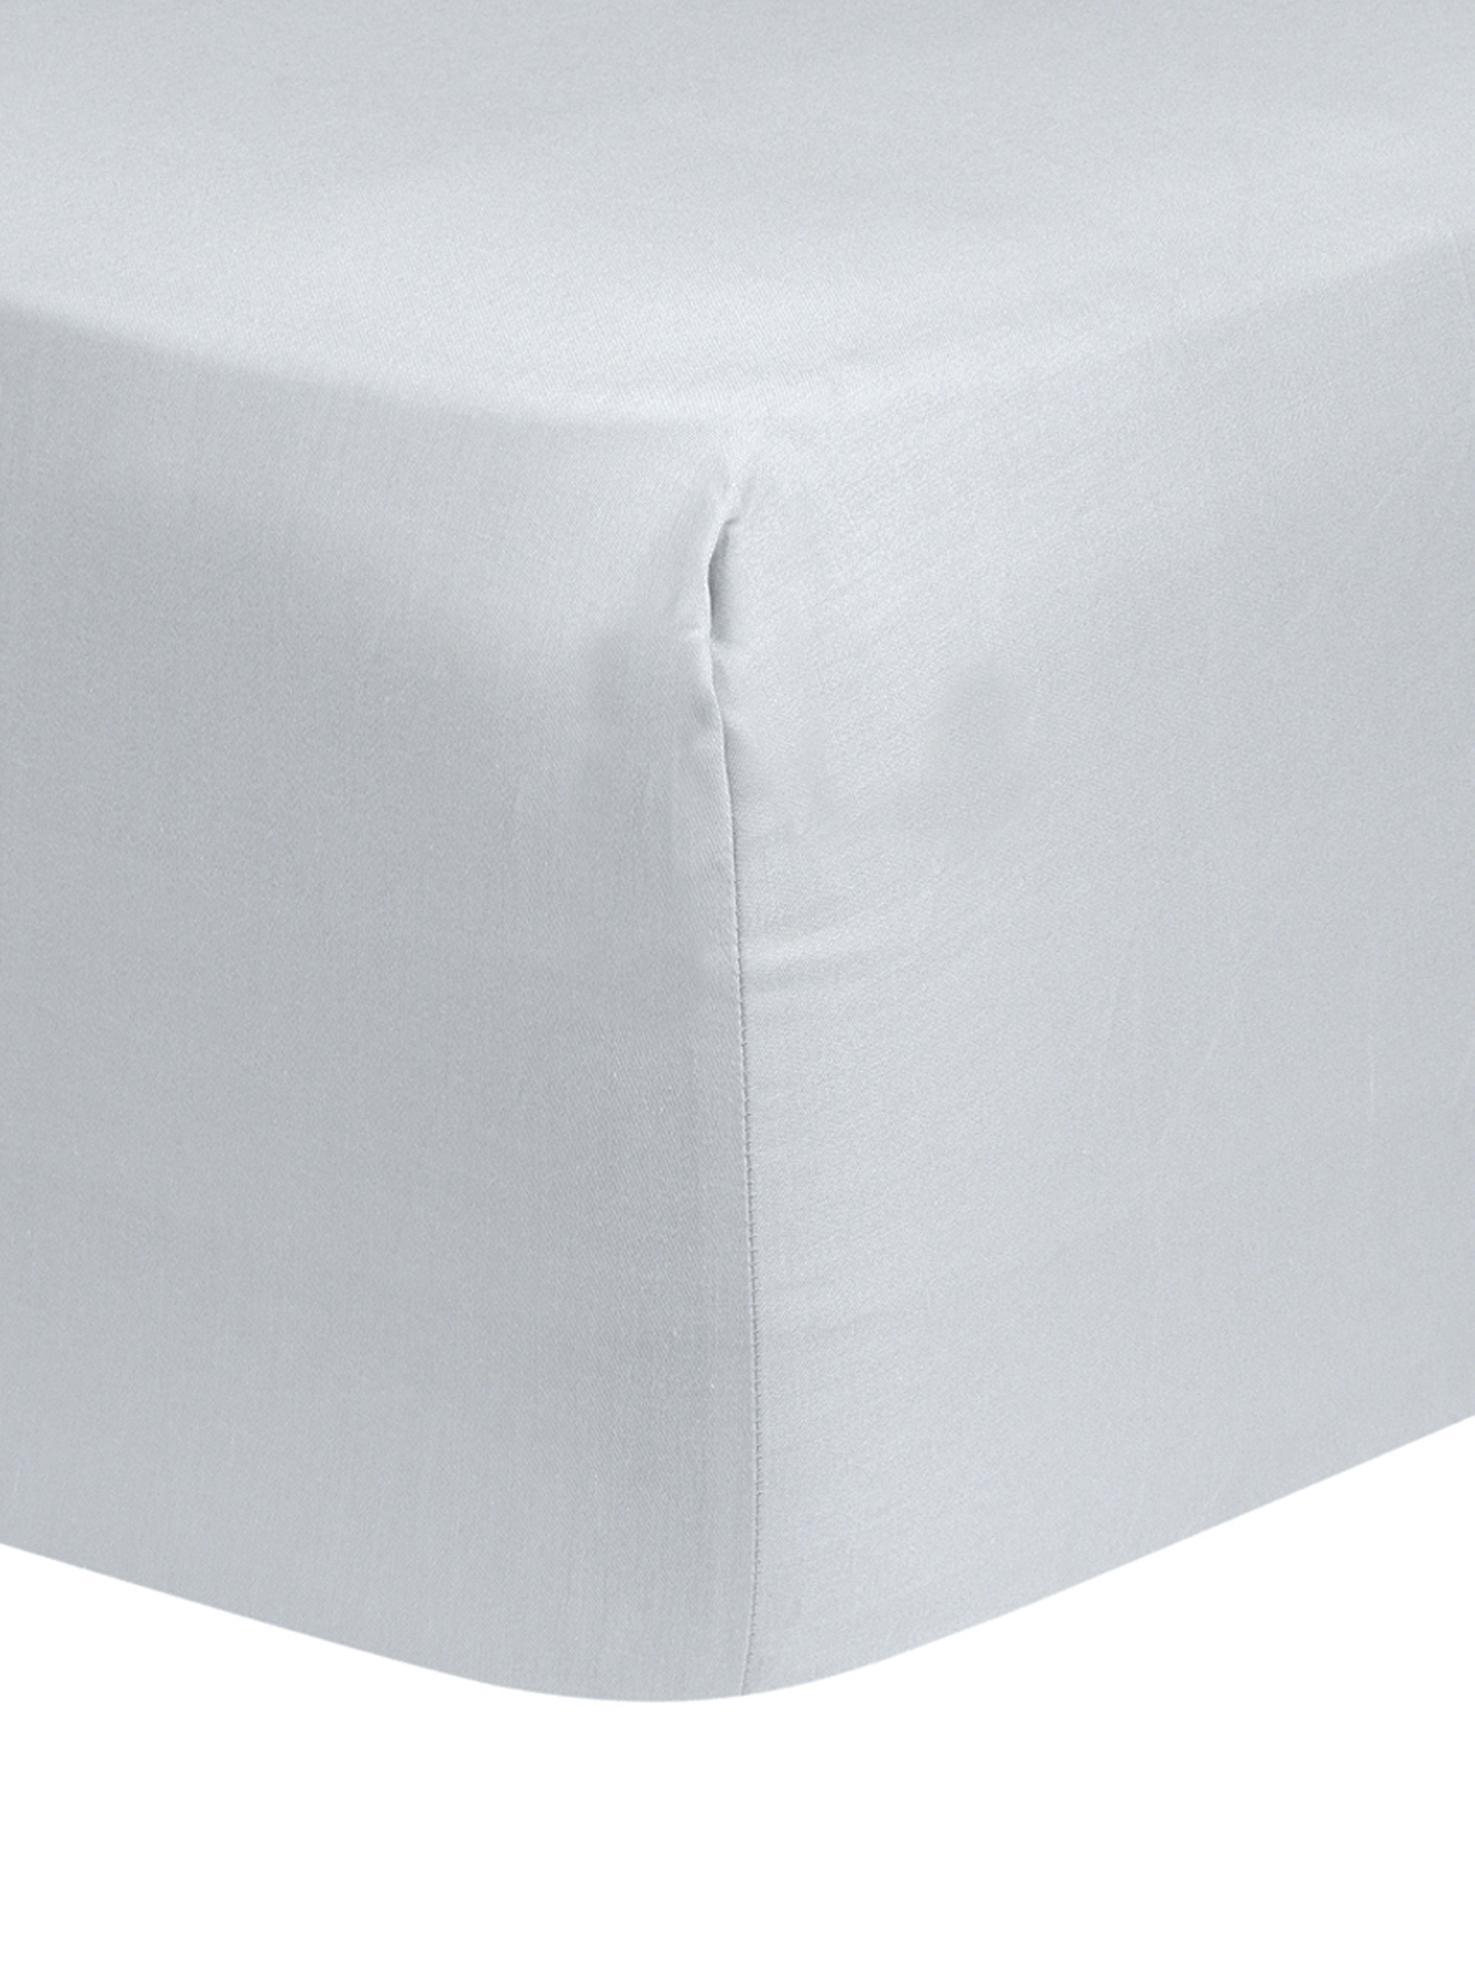 Katoensatijnen hoeslaken Comfort, Weeftechniek: satijn, licht glanzend, Lichtgrijs, 90 x 200 cm